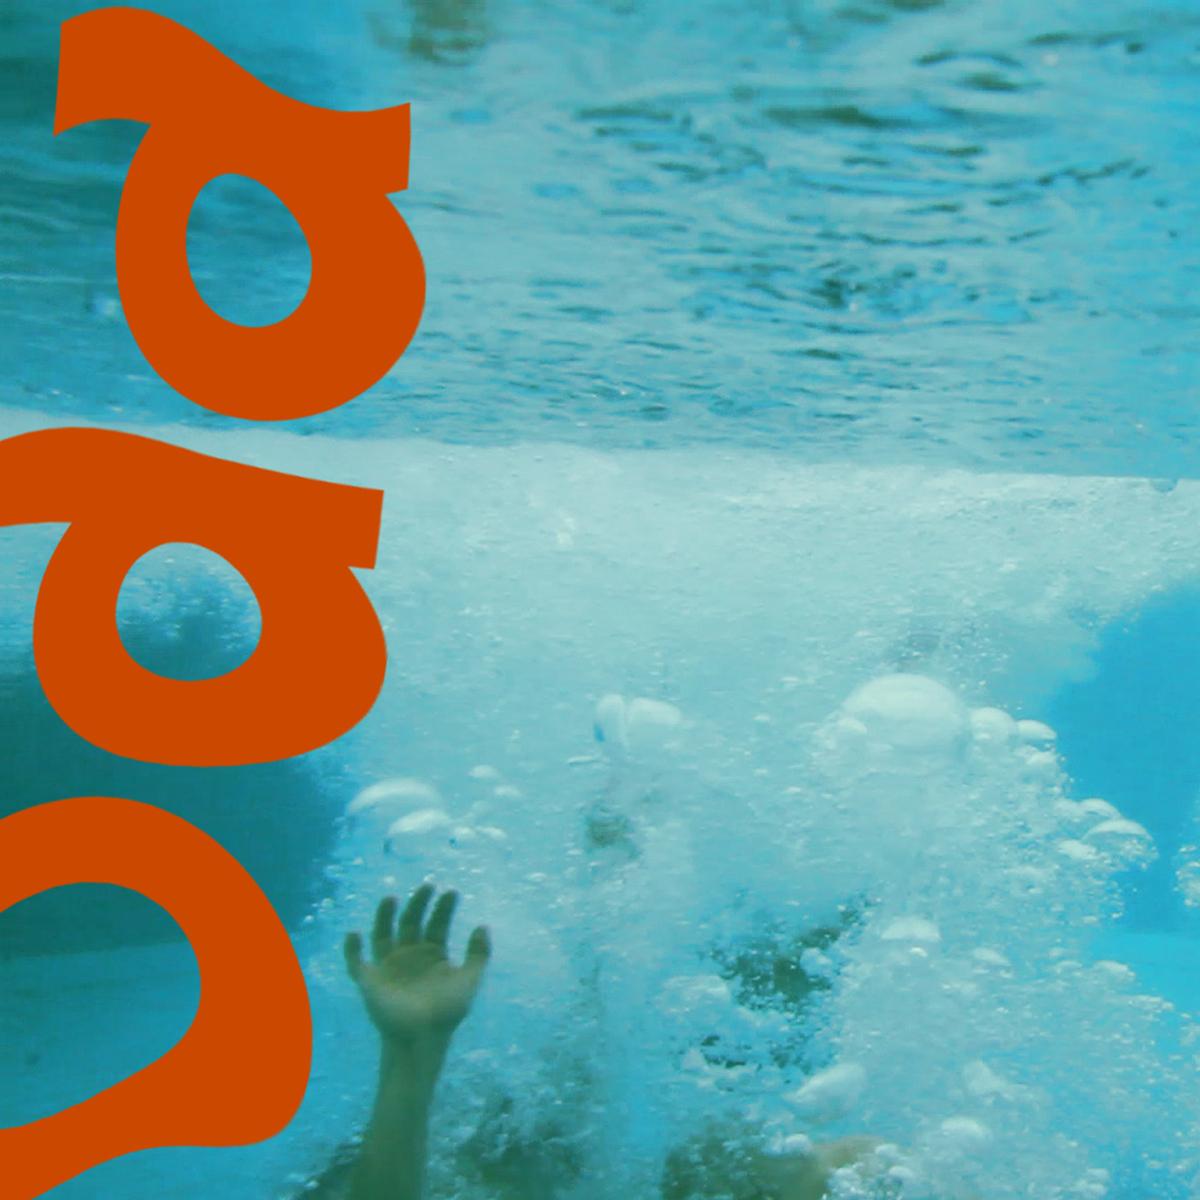 TOP 19: SHINee《View》 第四張正規專輯《Odd》(2015/05)